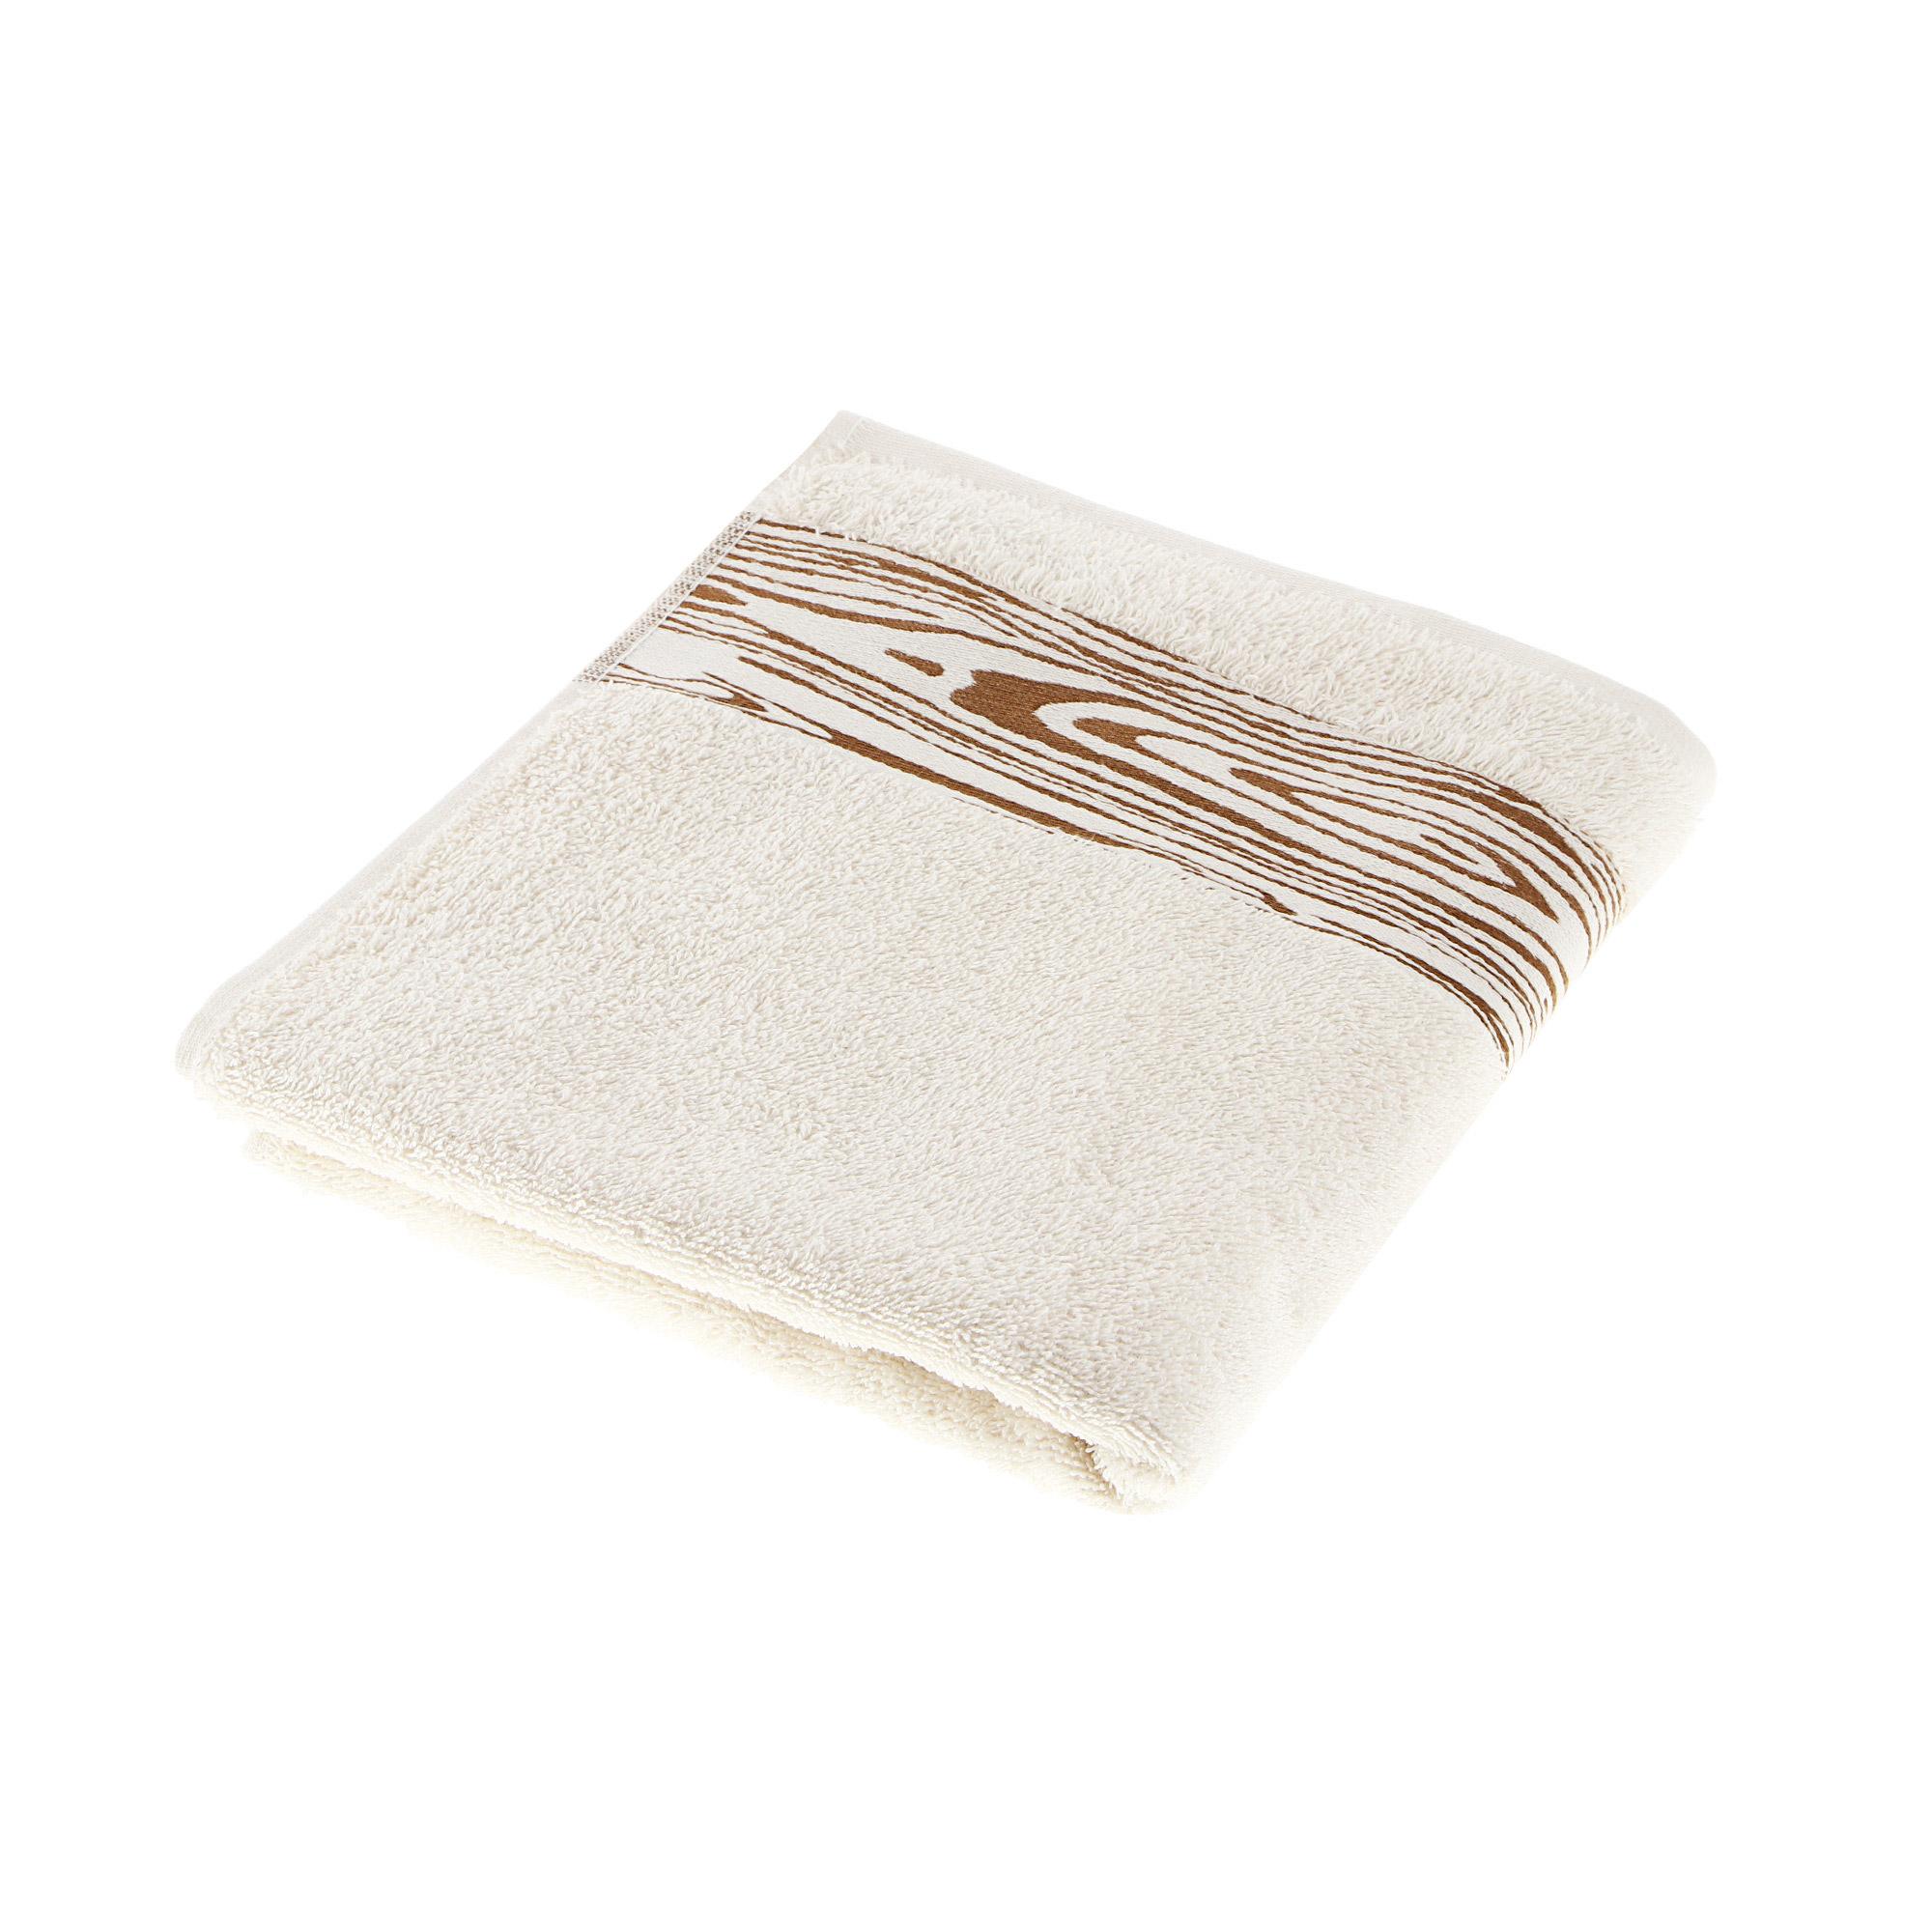 Фото - Полотенце махровое Asil wood 100x150 cream полотенце valentini 100x150 aqua 1228